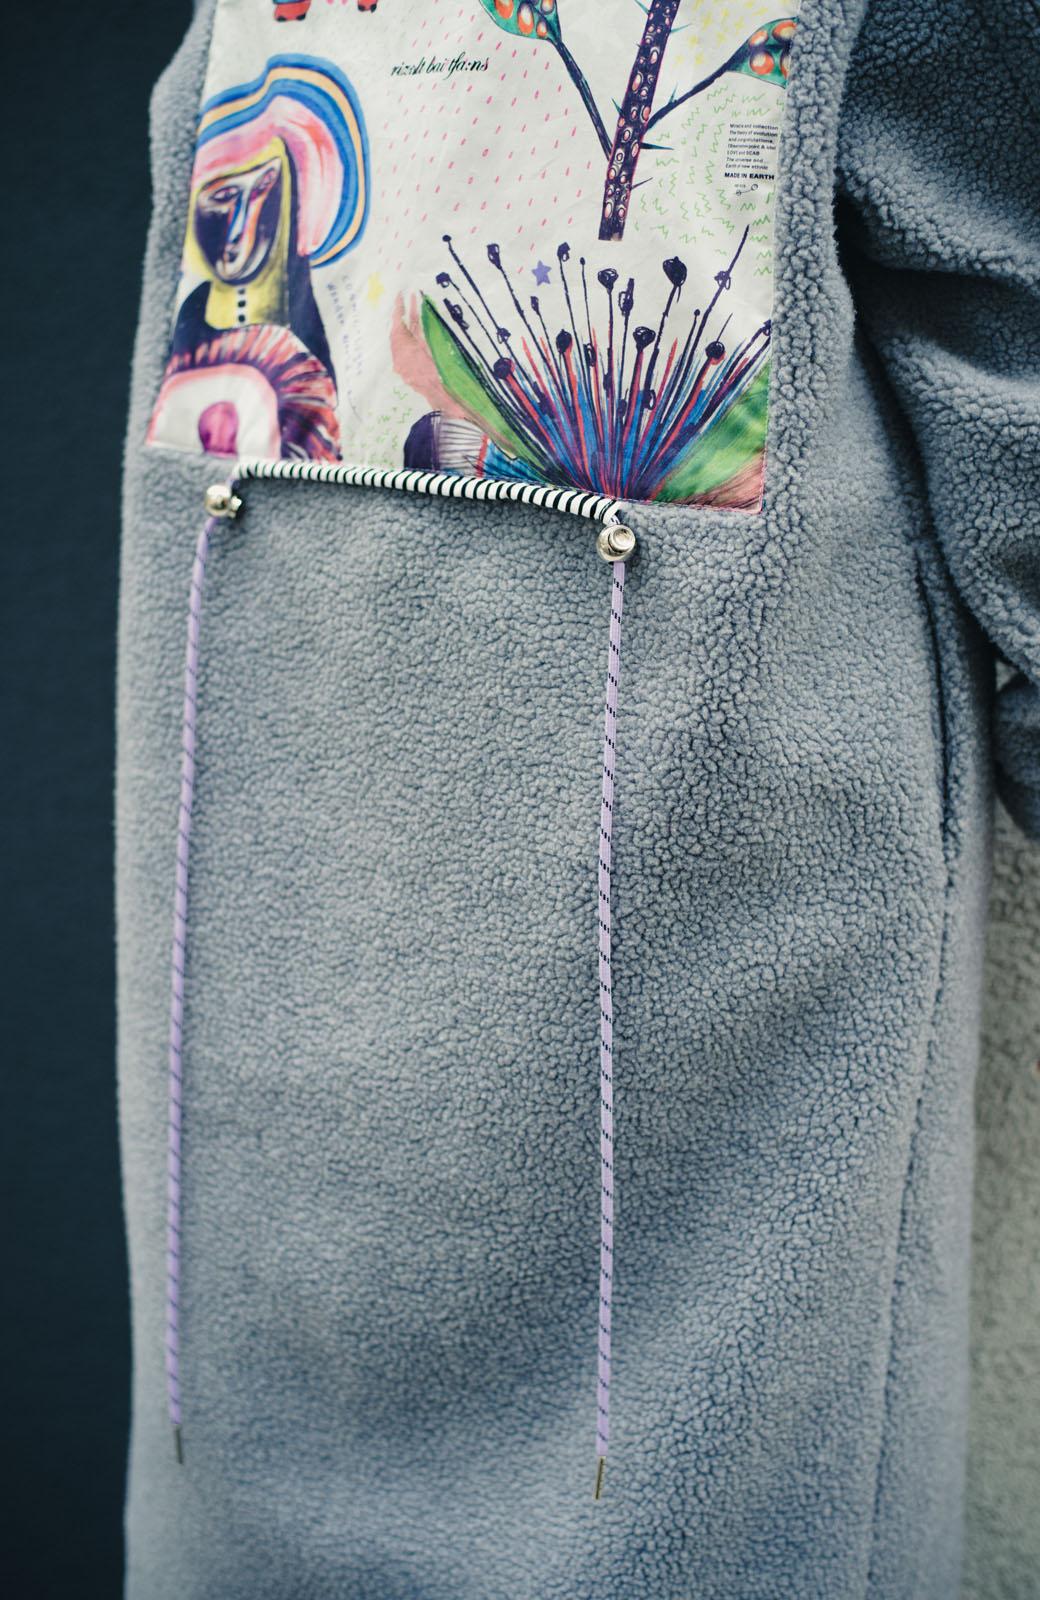 haco! haco! × RBTXCOバックデザインのアソートが楽しいイチ押しcosmic柄とボーダーリブ袖のボアコート <杢グレー>の商品写真9